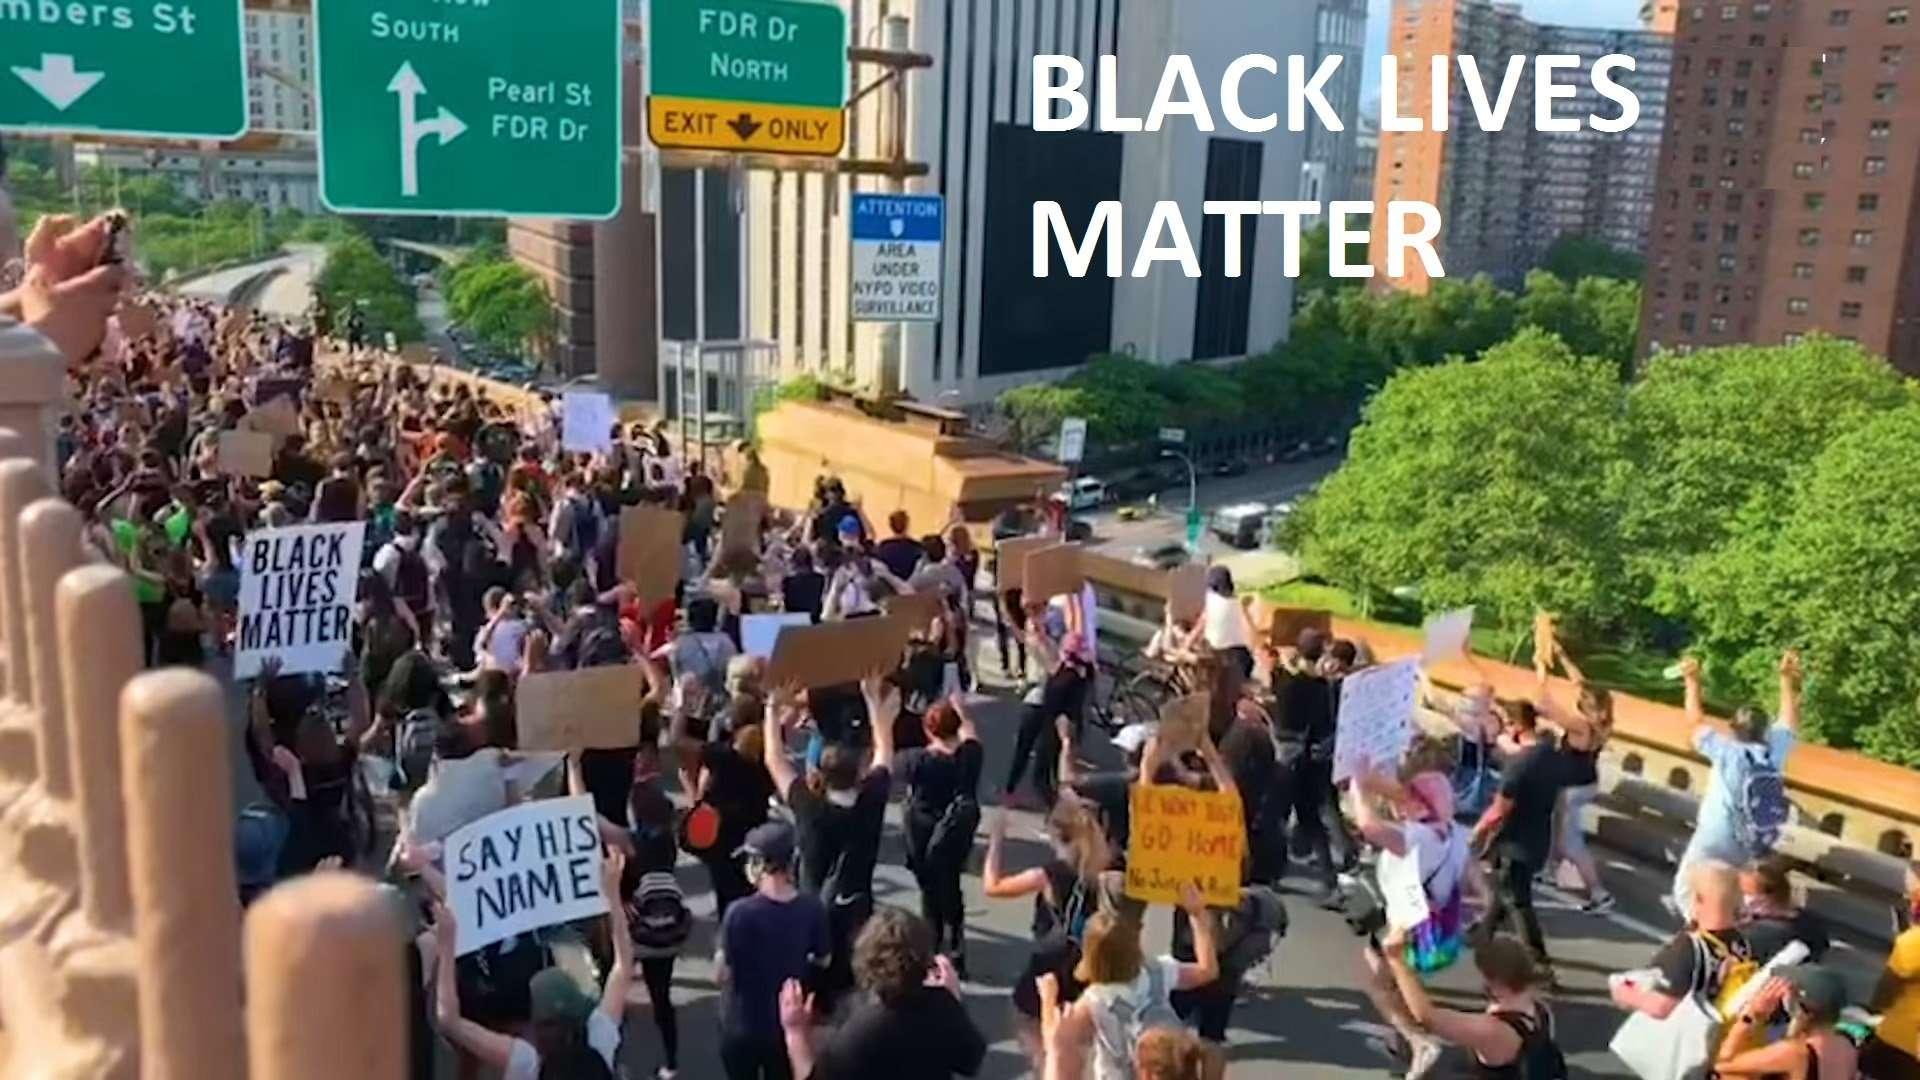 The Blacklives Matter